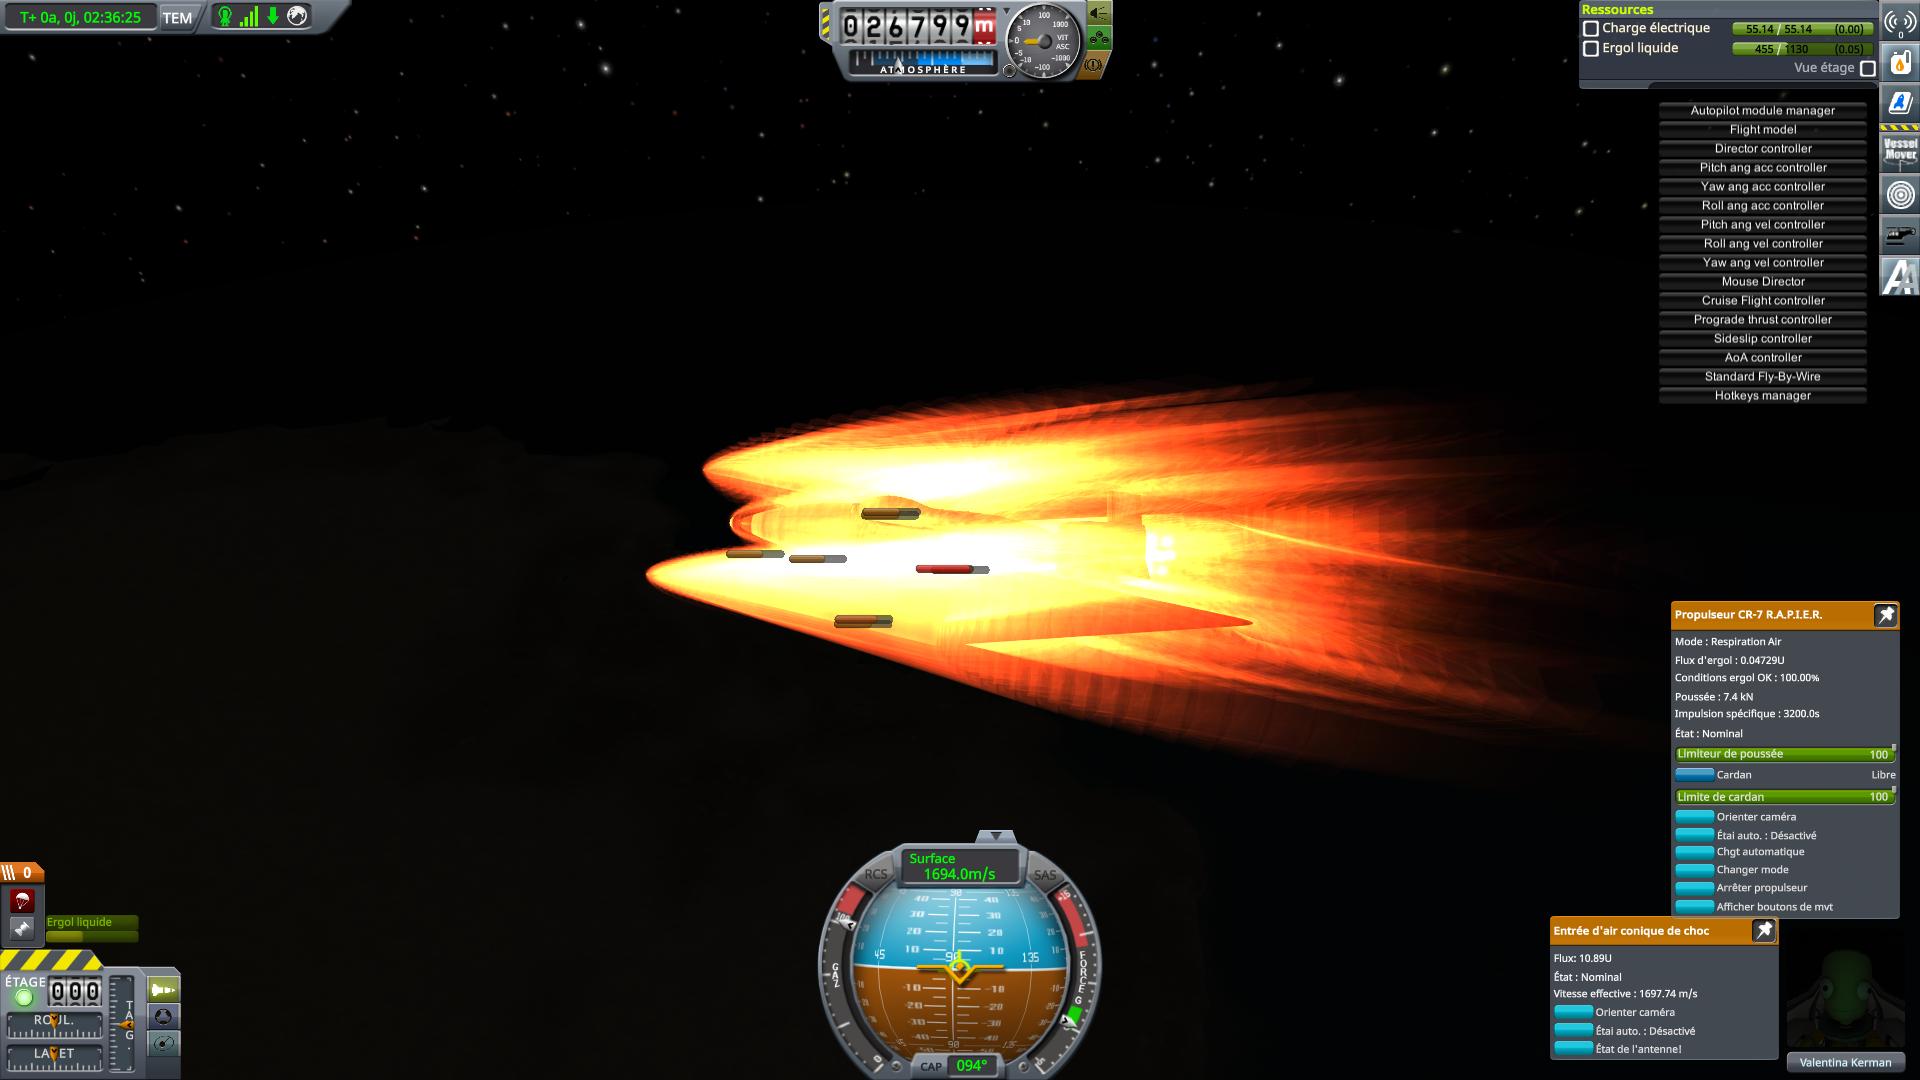 essai de vol hypersonique d'endurance